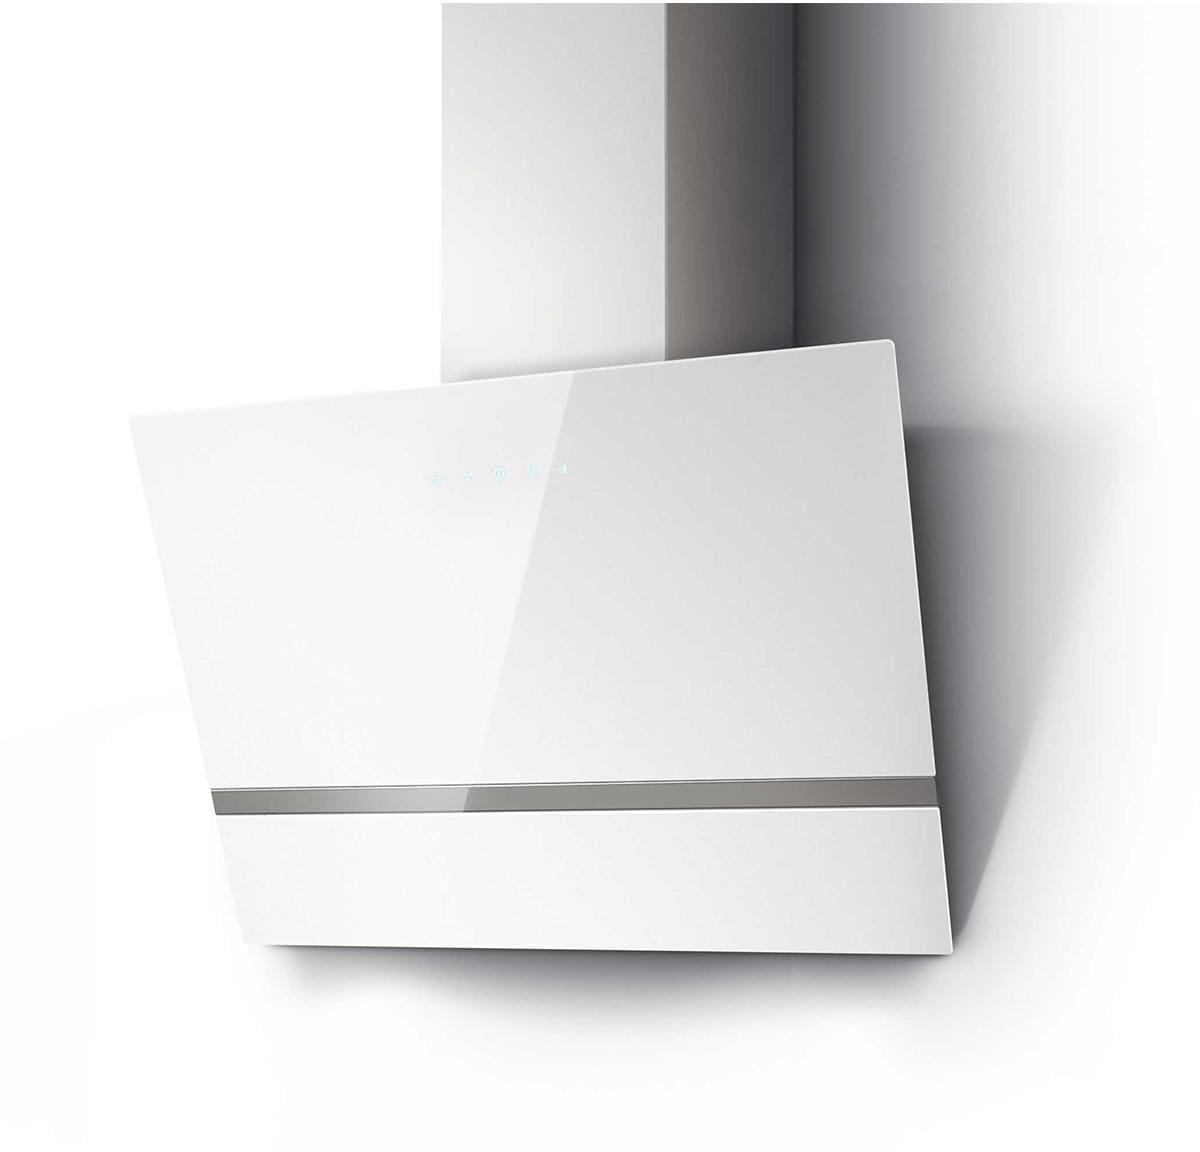 respekta ch 24060 wa schr ghaube kopffrei 60 cm breit umluftbetrieb wei eek a. Black Bedroom Furniture Sets. Home Design Ideas